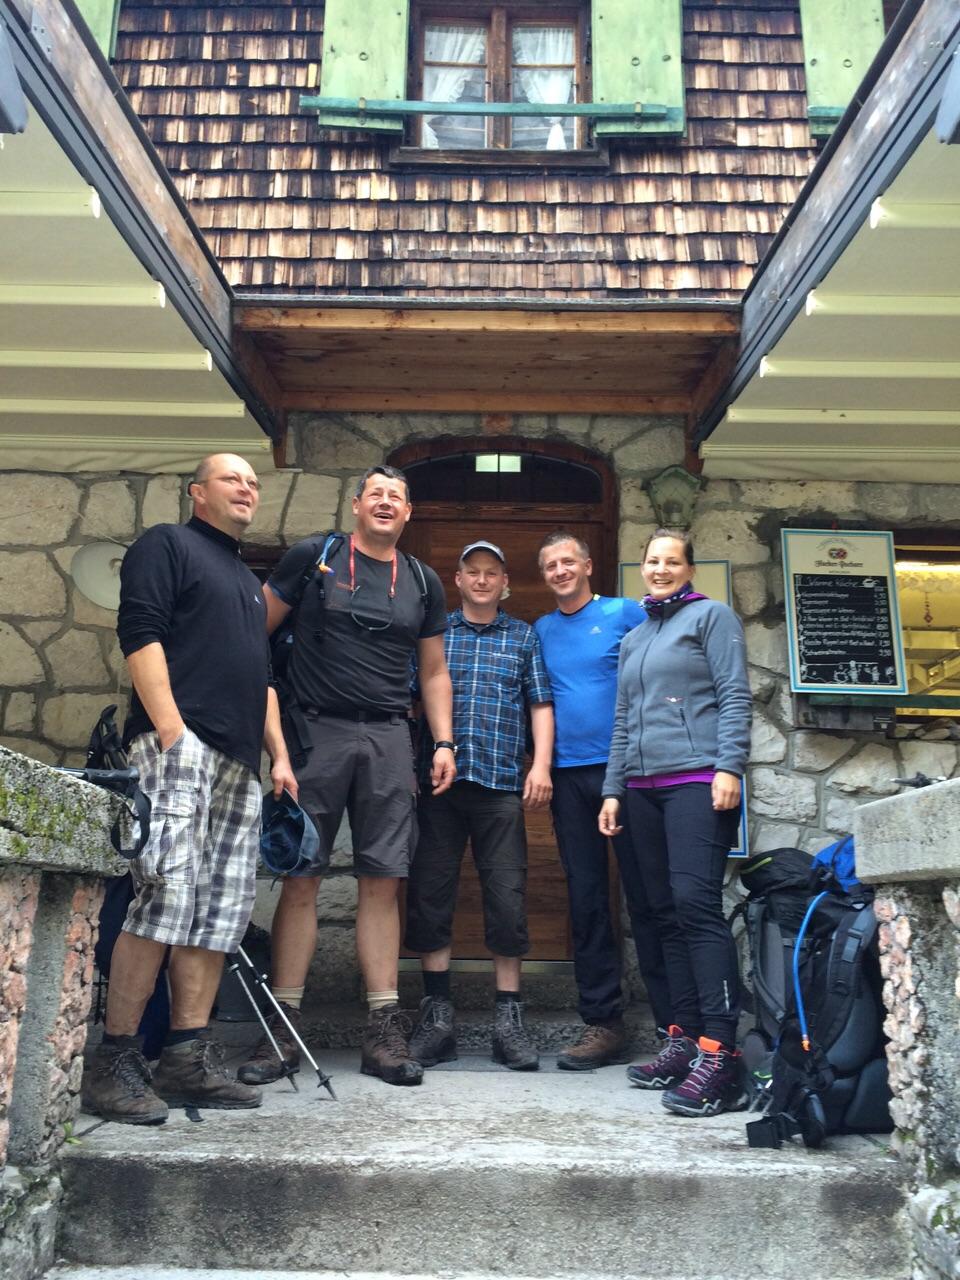 Frisch rekrutiert von meinen vier Jungs vor der Reintalangerhütte, Durchs Reintal auf die Zugspitze Hüttentour Fjella